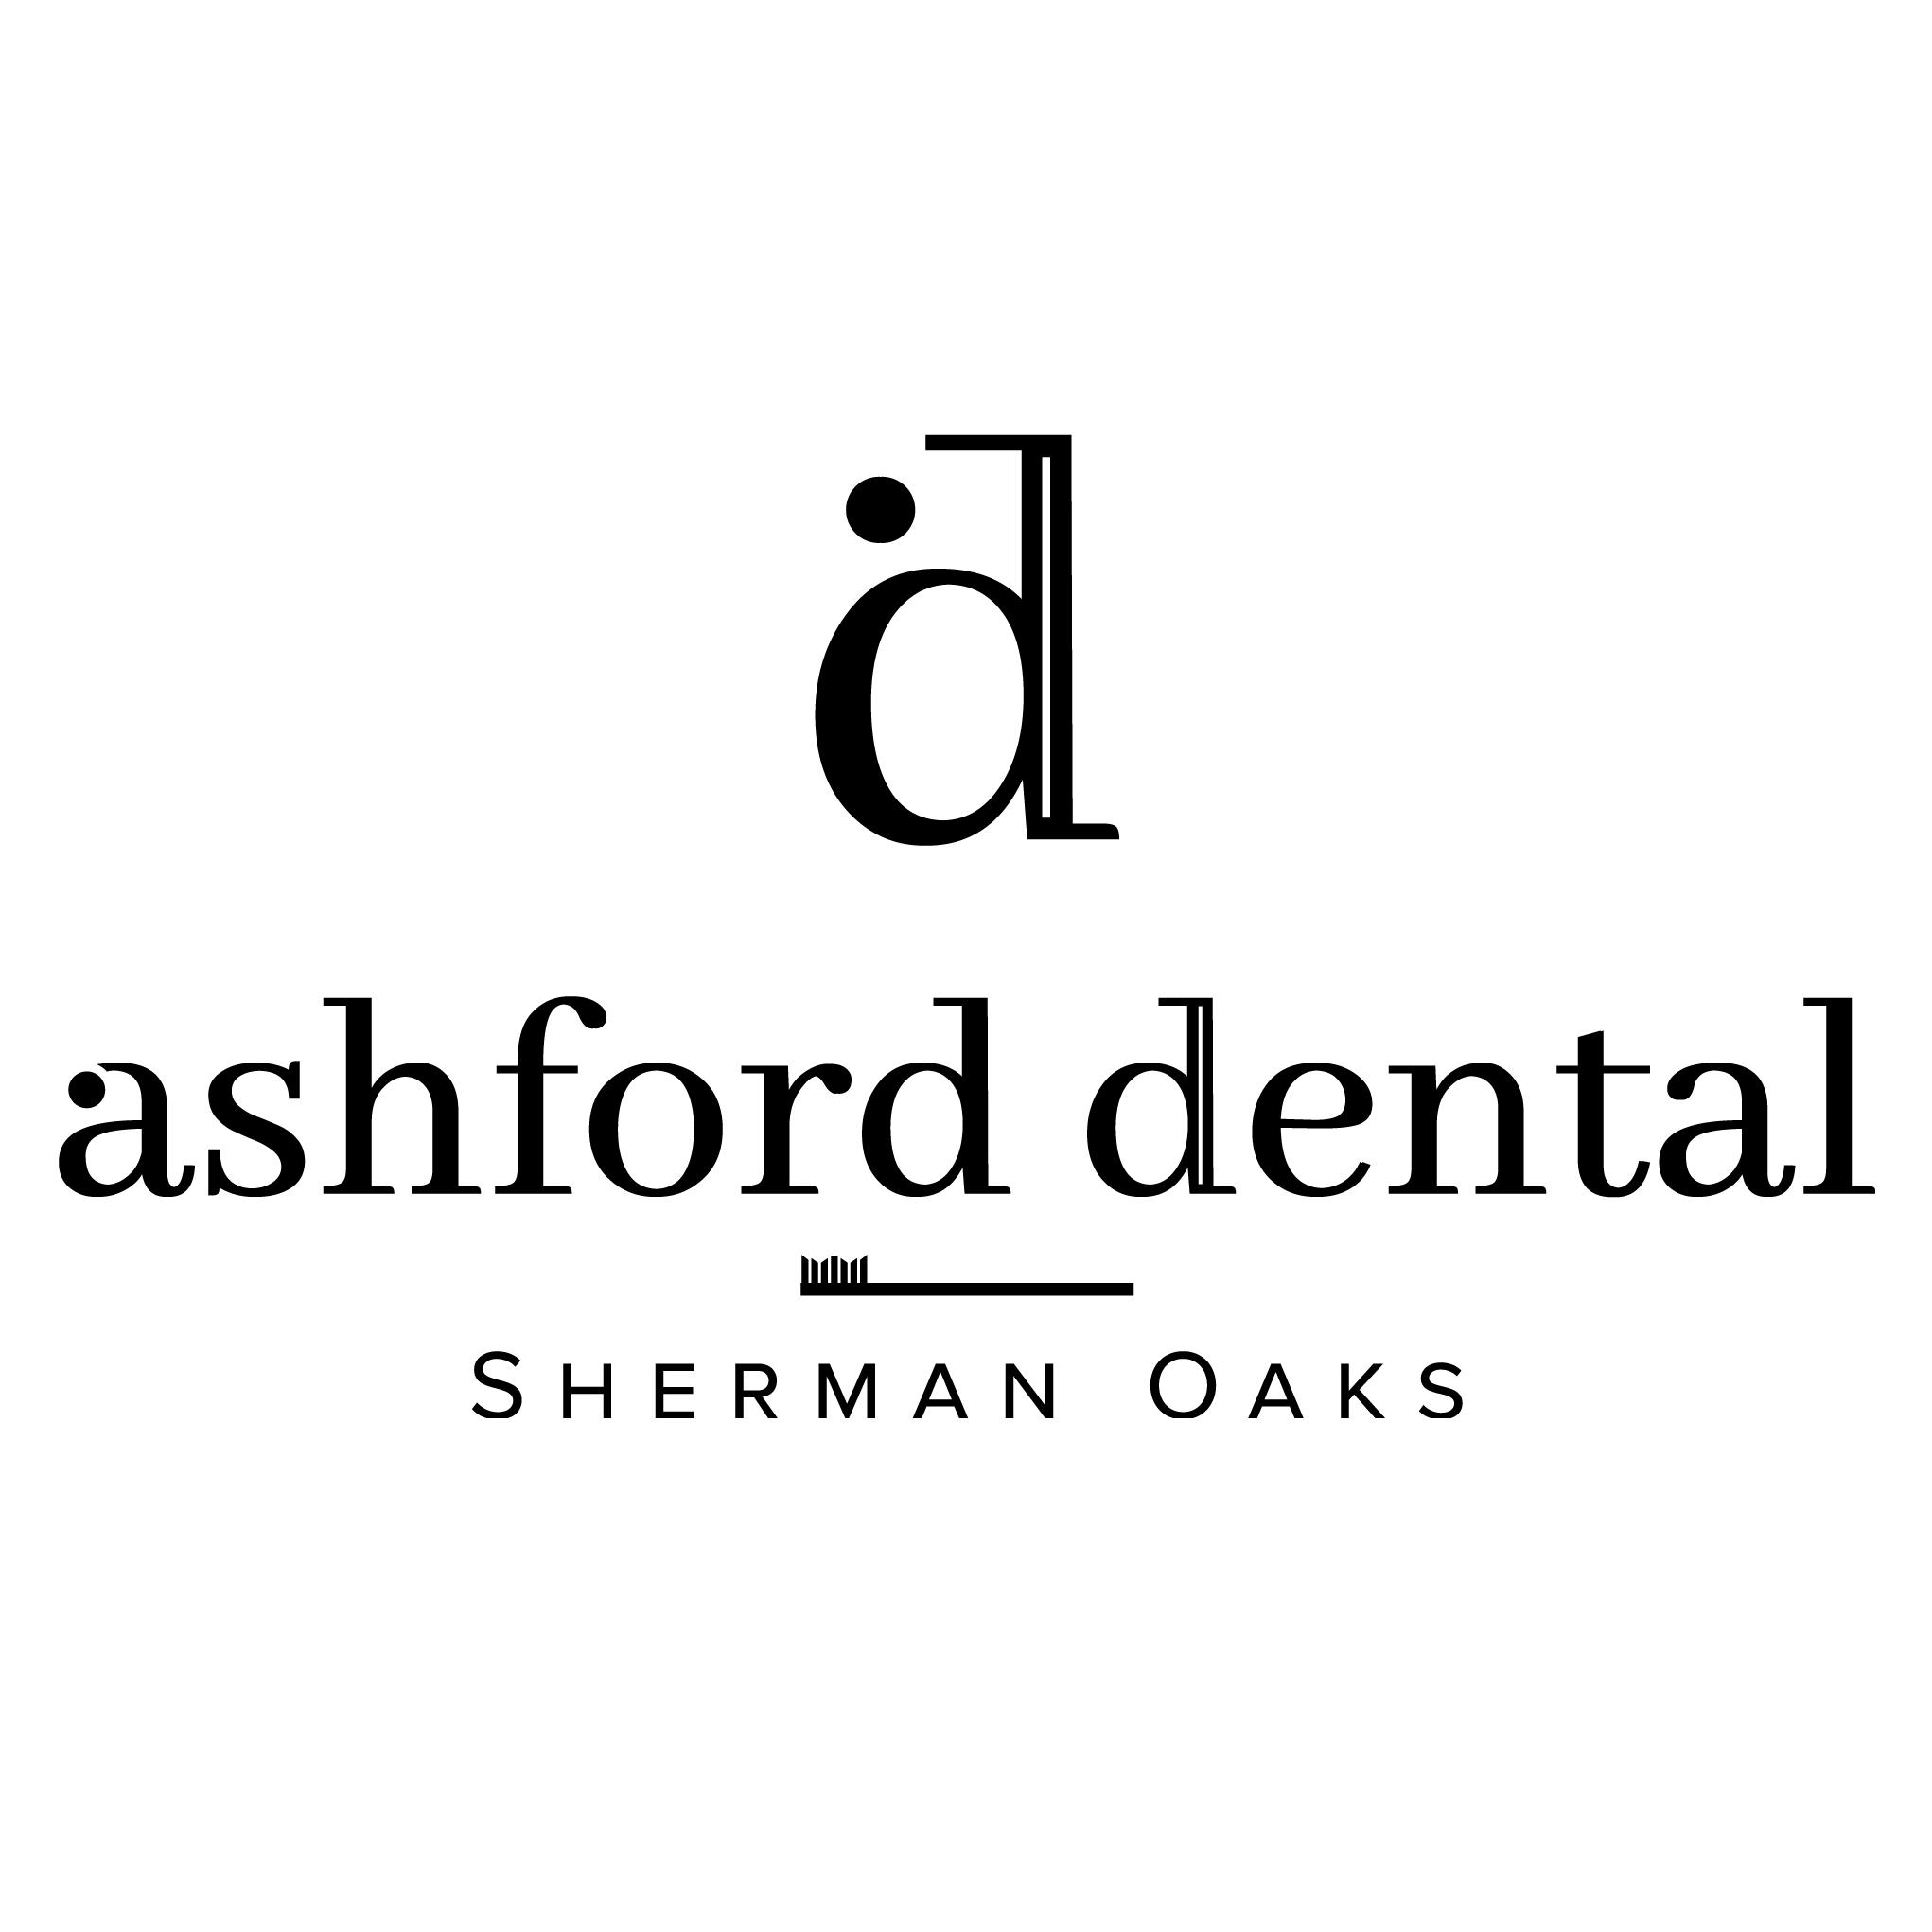 Ashford Dental Sherman Oaks